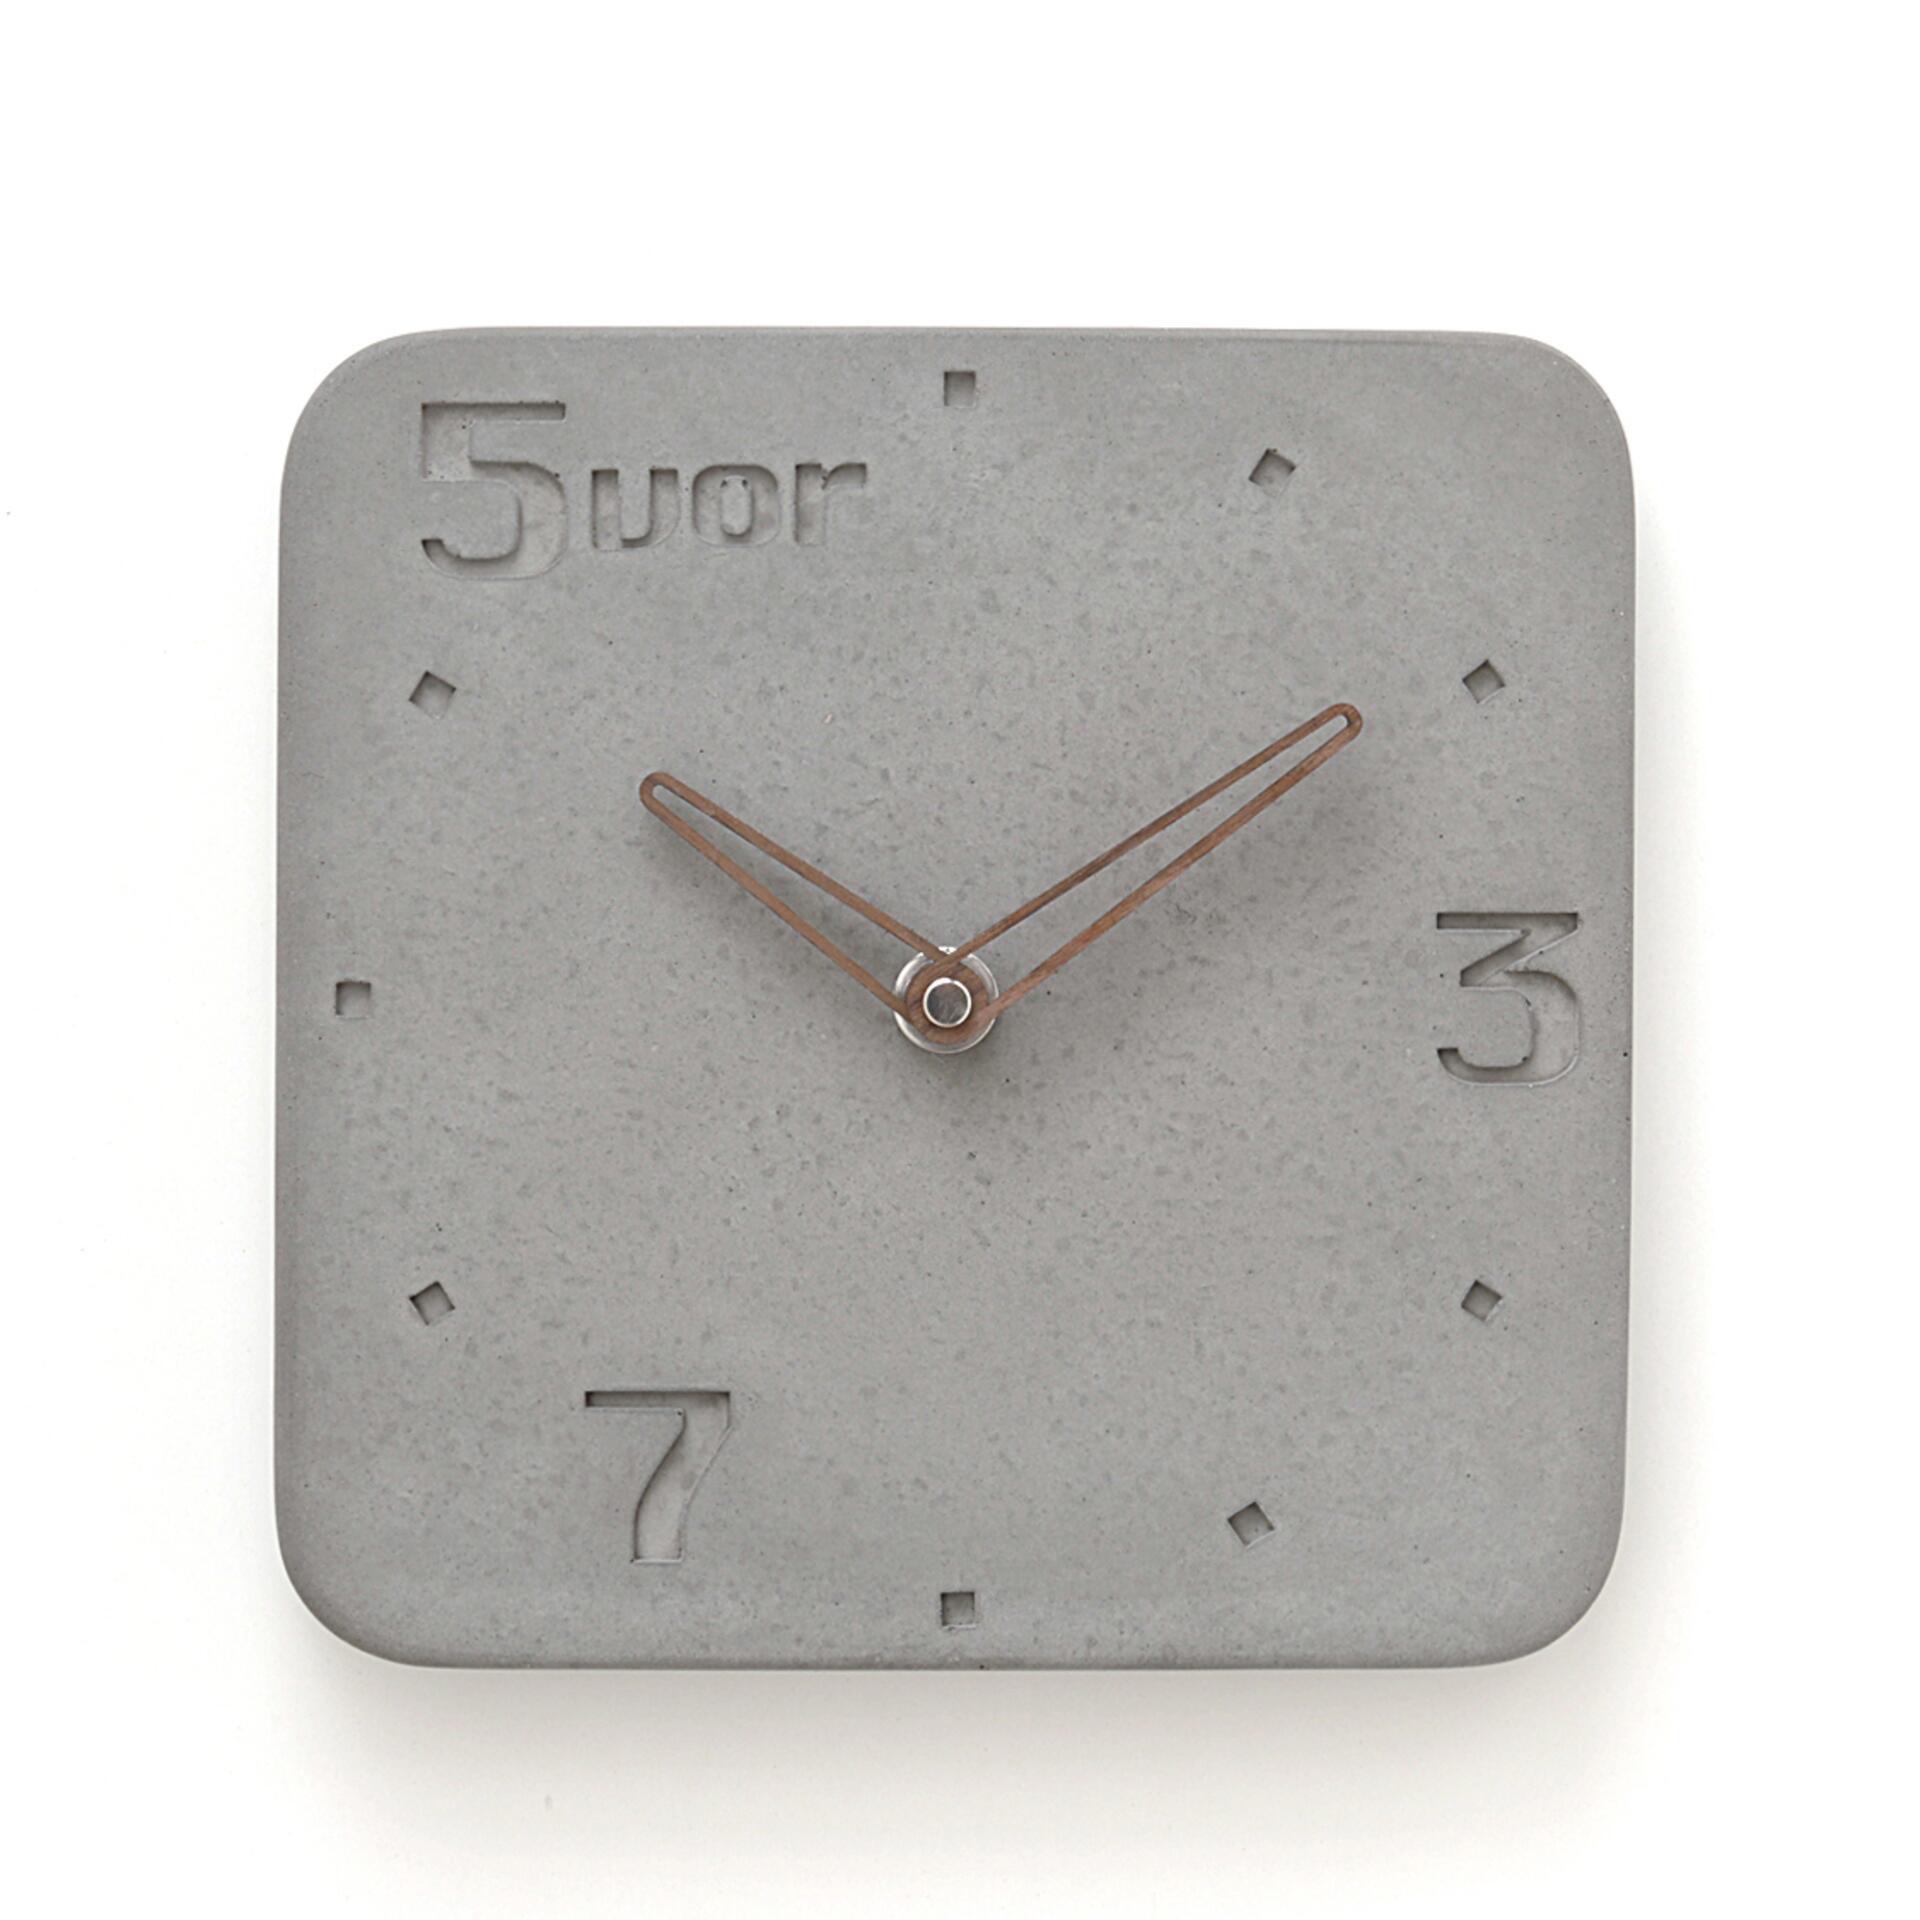 Wertwerke Betonuhr 5VOR Grau 38 x 38 cm Nussbaum Rahmen